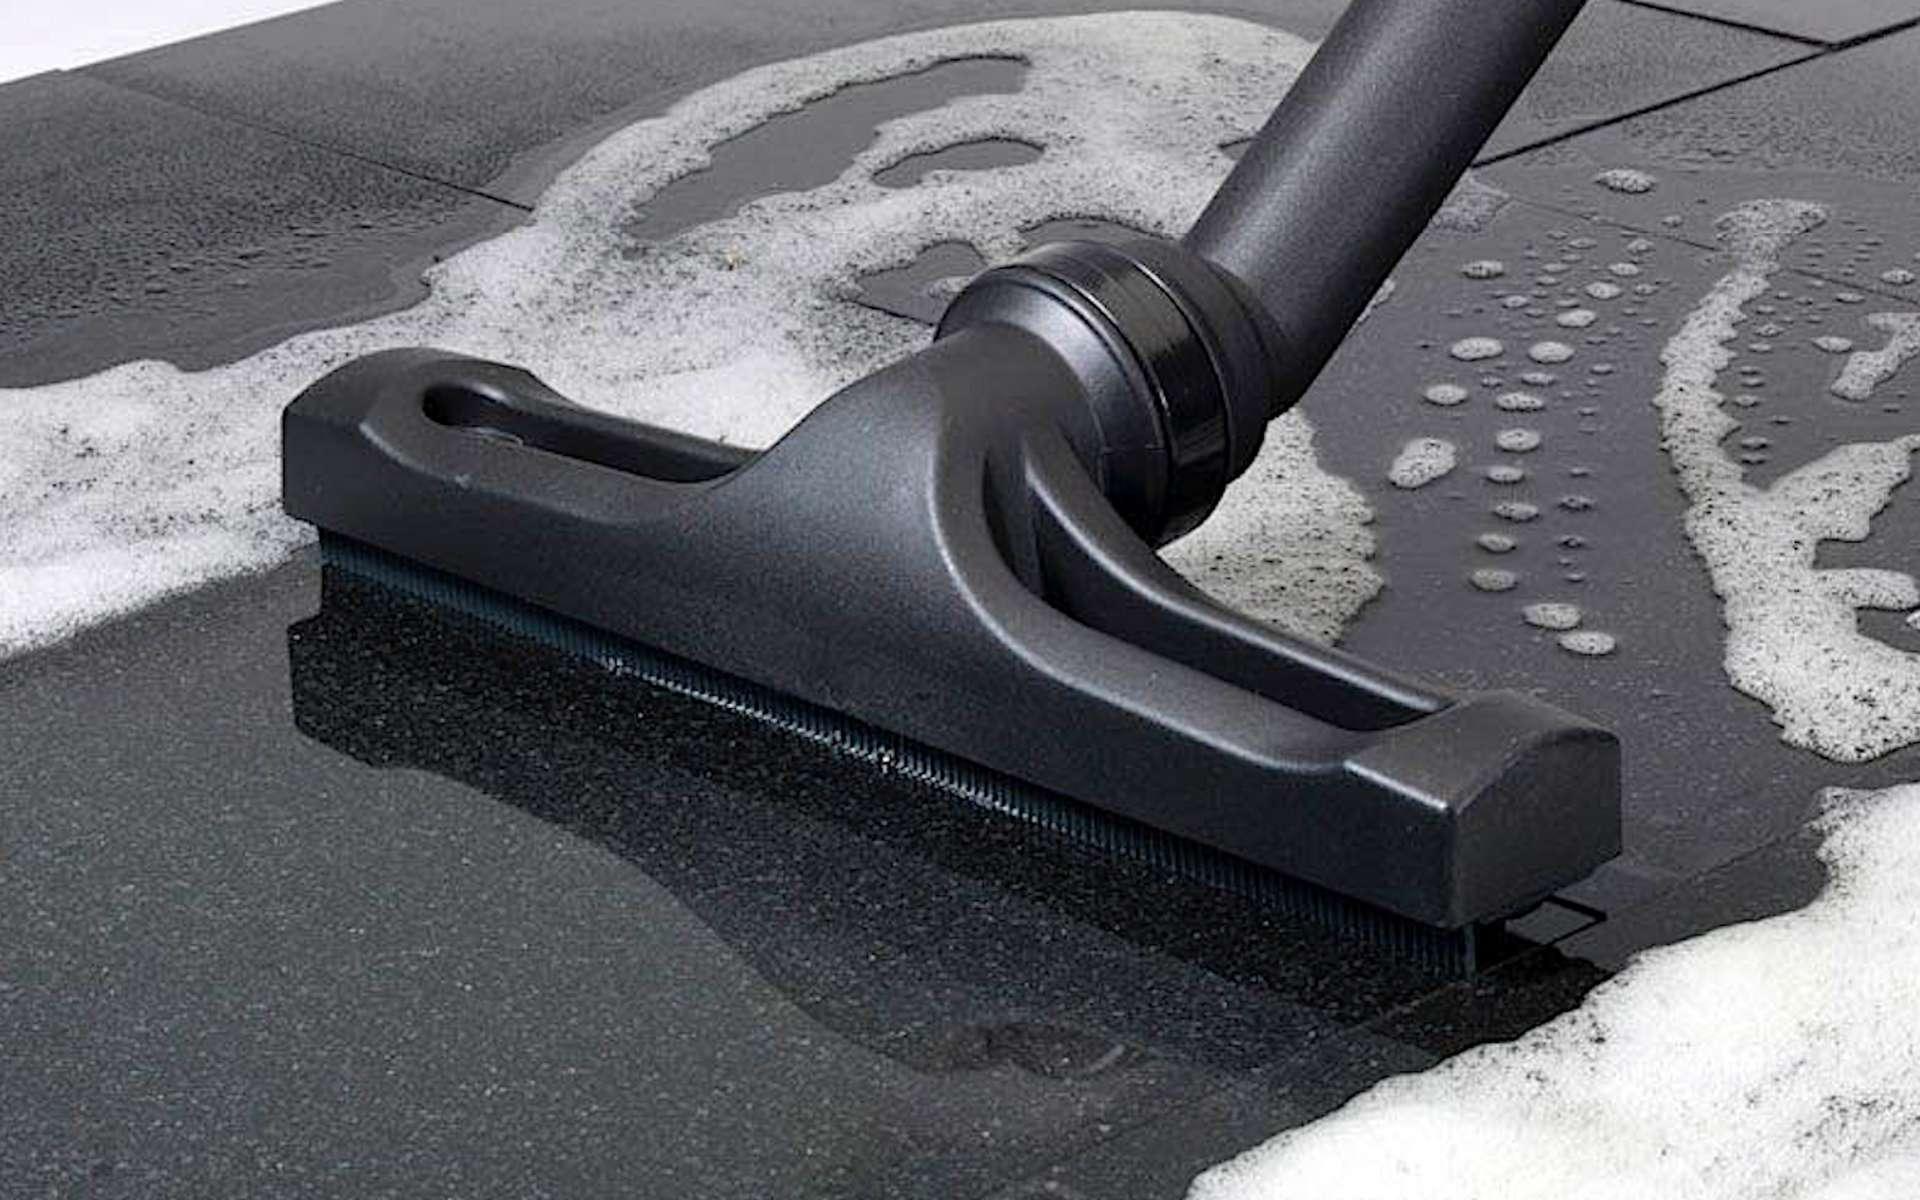 Aspirateur eau et poussière en action. © Numatic International